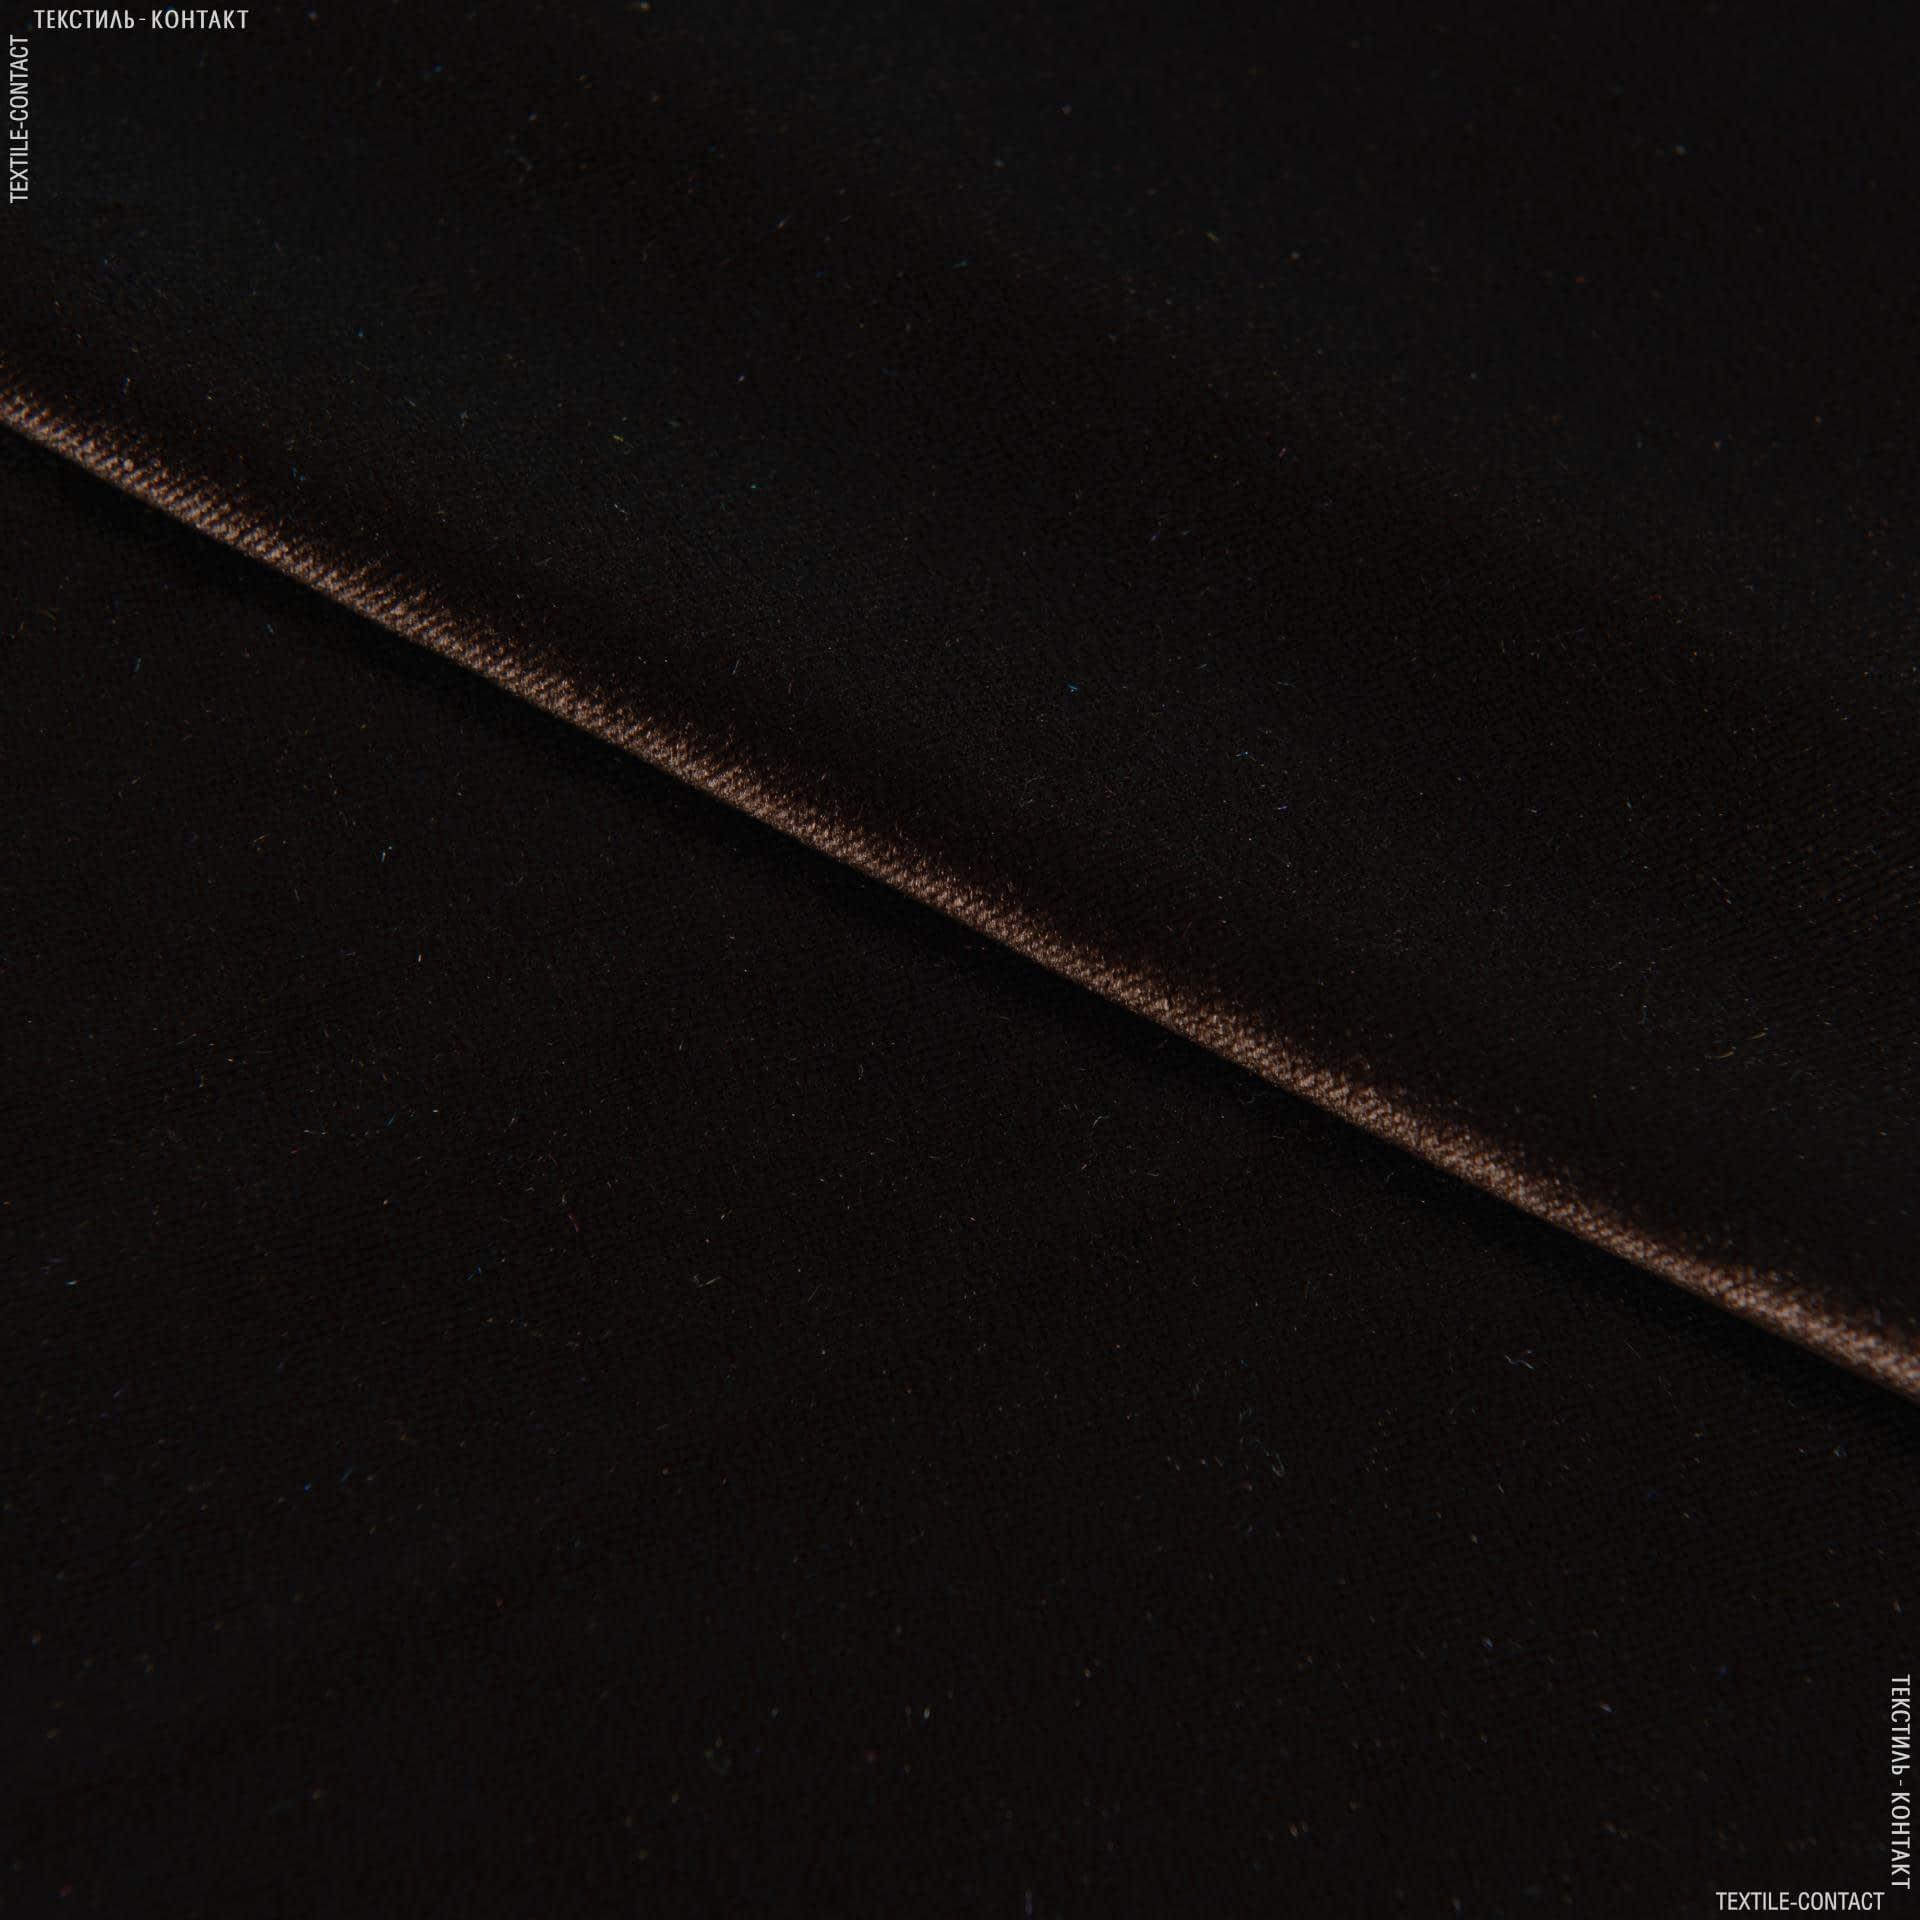 Ткани для платьев - Бархат стрейч шоколадный